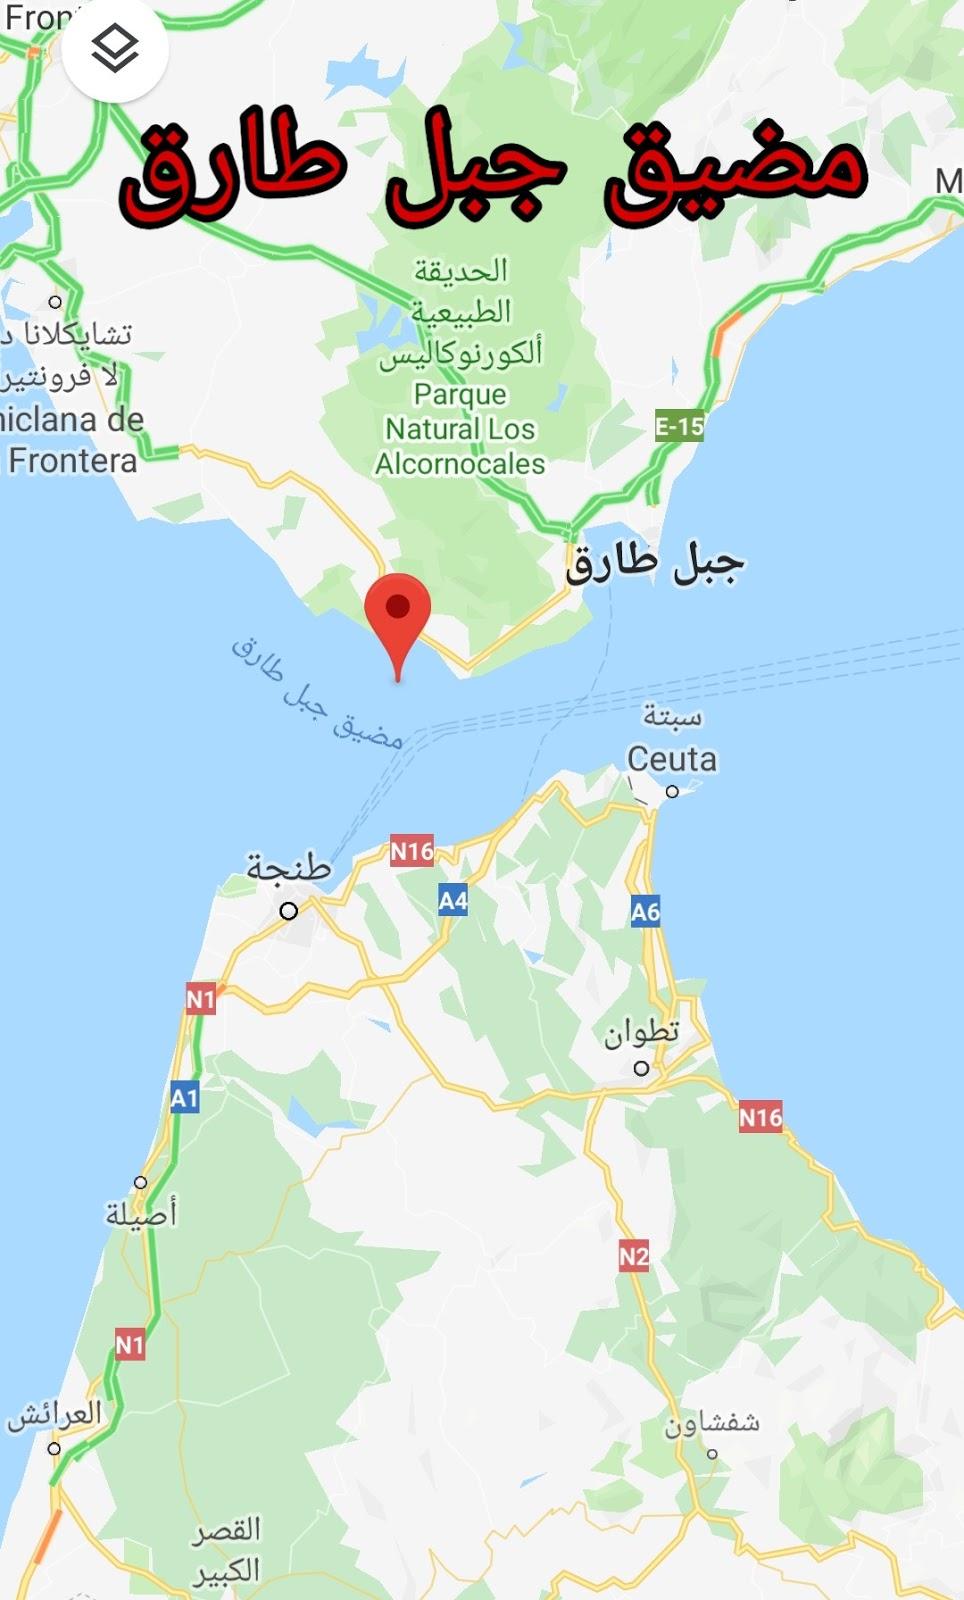 مضيق جبل طارق ويكيات